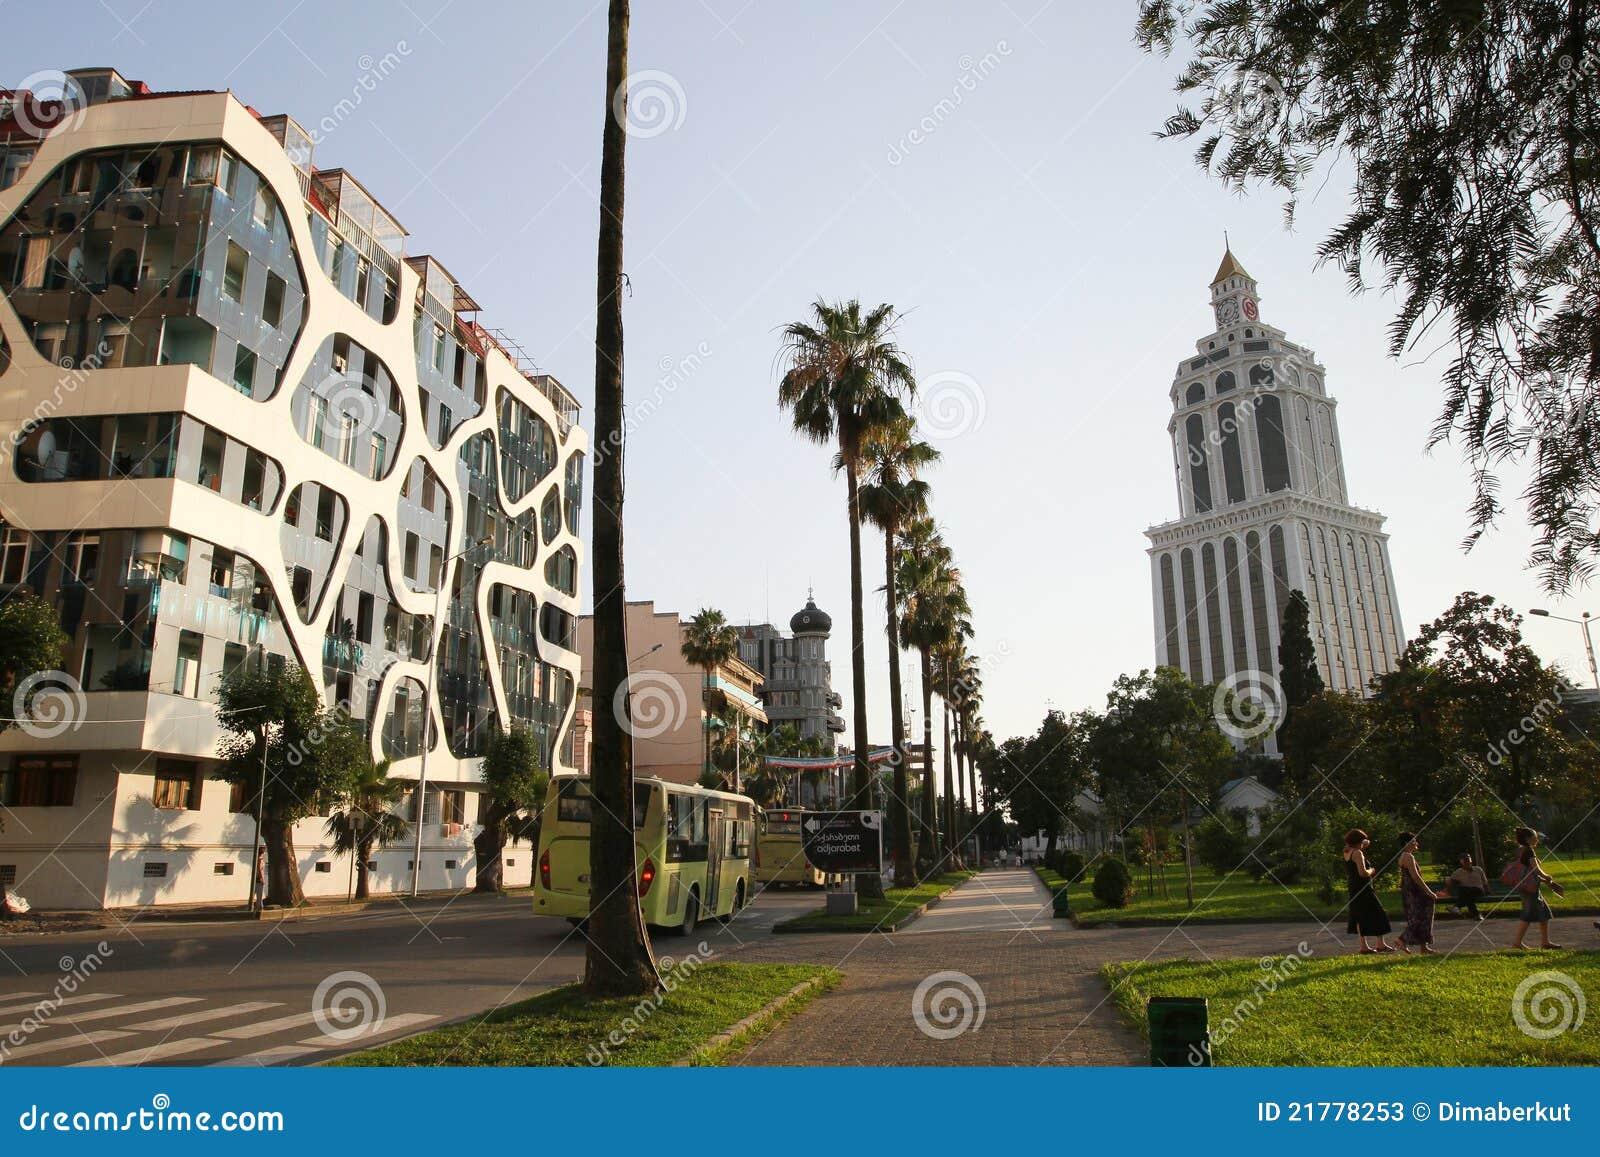 Neue architektur von batumi georgia redaktionelles stockfoto bild von farbe ladung 21778253 - Neue architektur ...